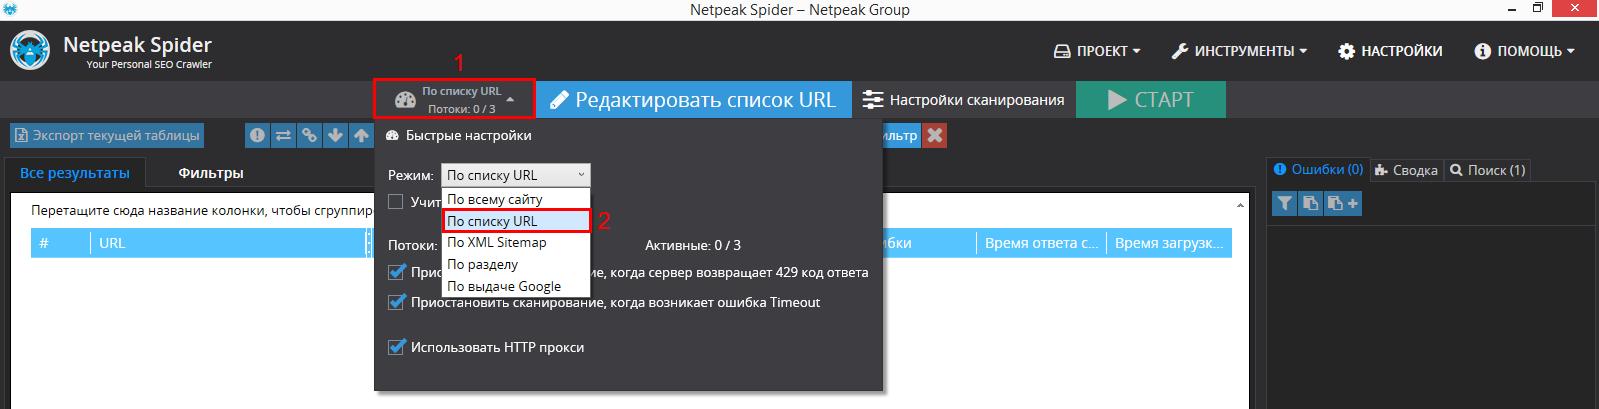 Для этого открываем Netpeak Spider и выбираем способ сканирования «По списку URL»